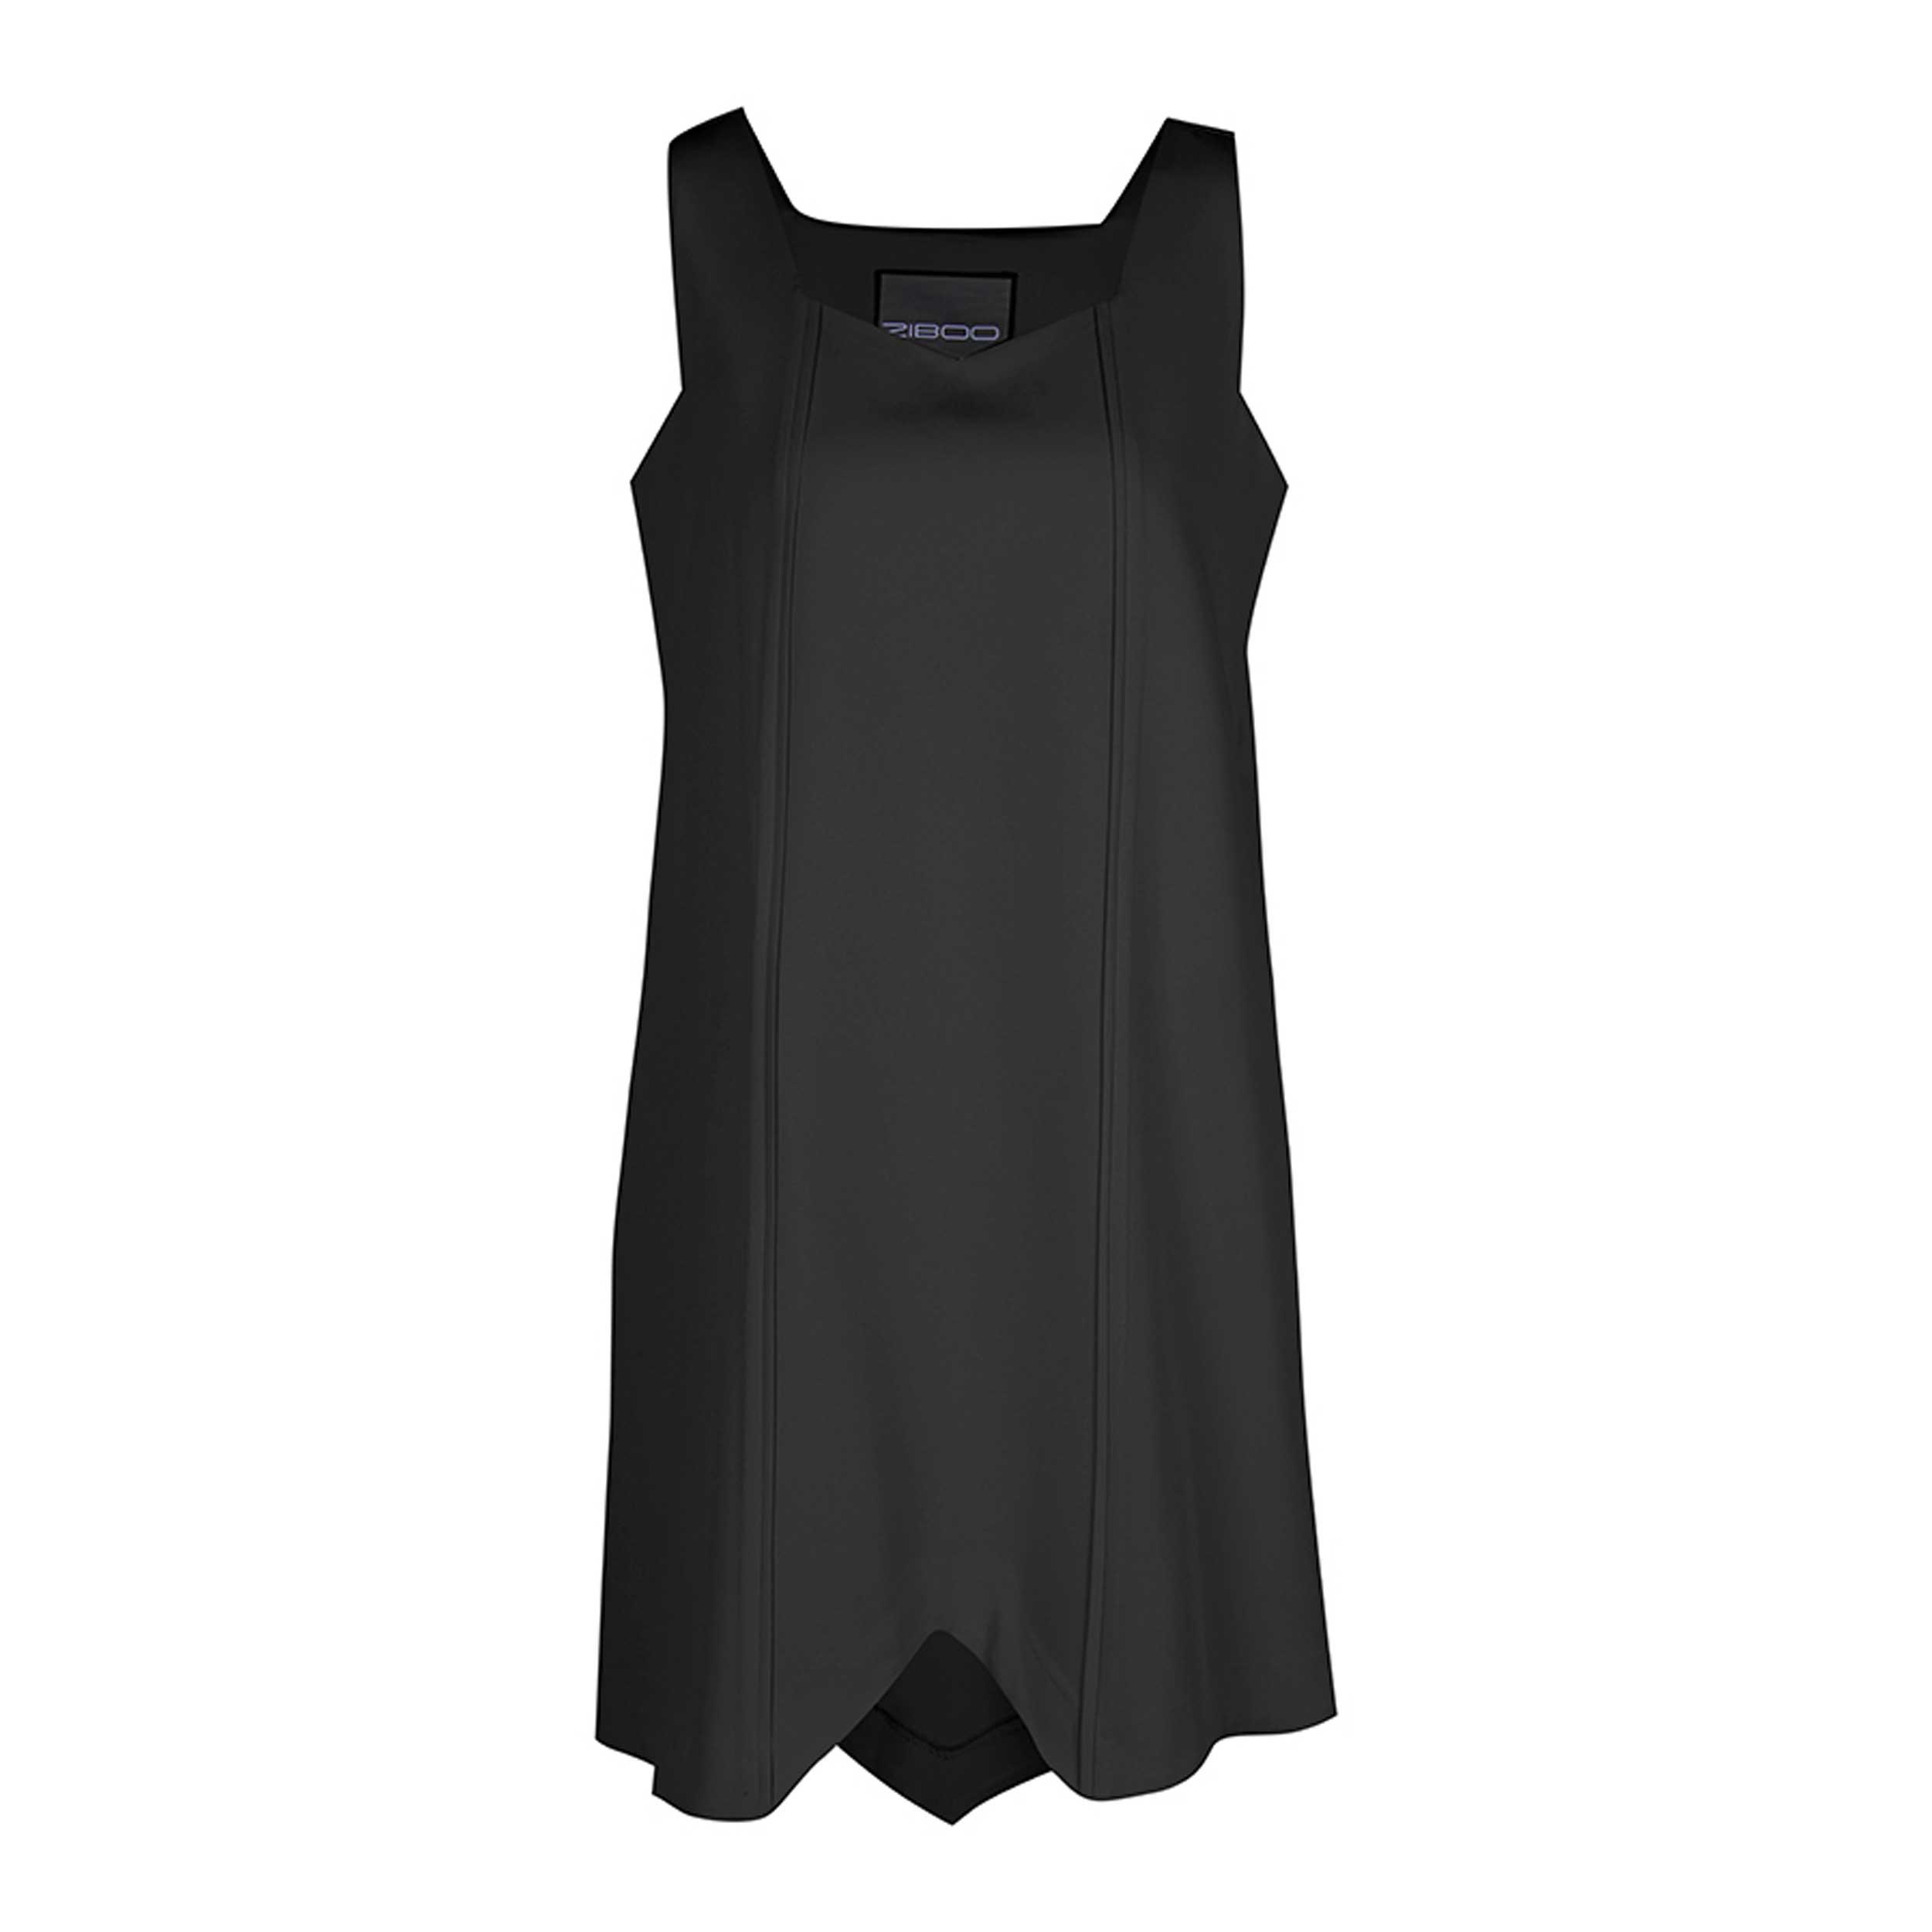 پیراهن زنانه زیبو مدل 01667-99